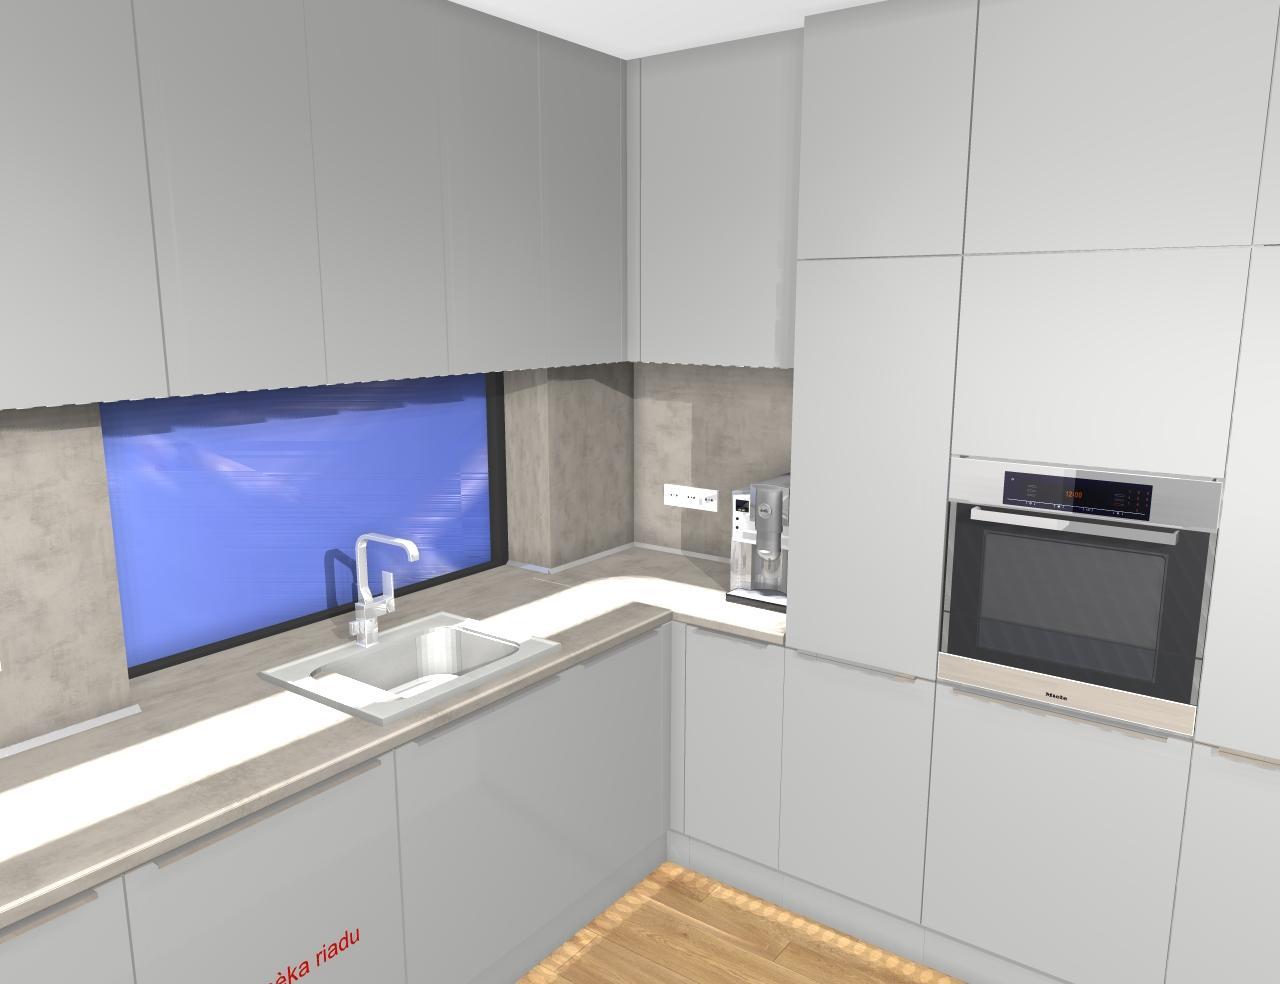 Grafické návrhy kuchynských liniek 2019 - Grafický návrh kuchynskej linky do RD pri Prahe - obr.7